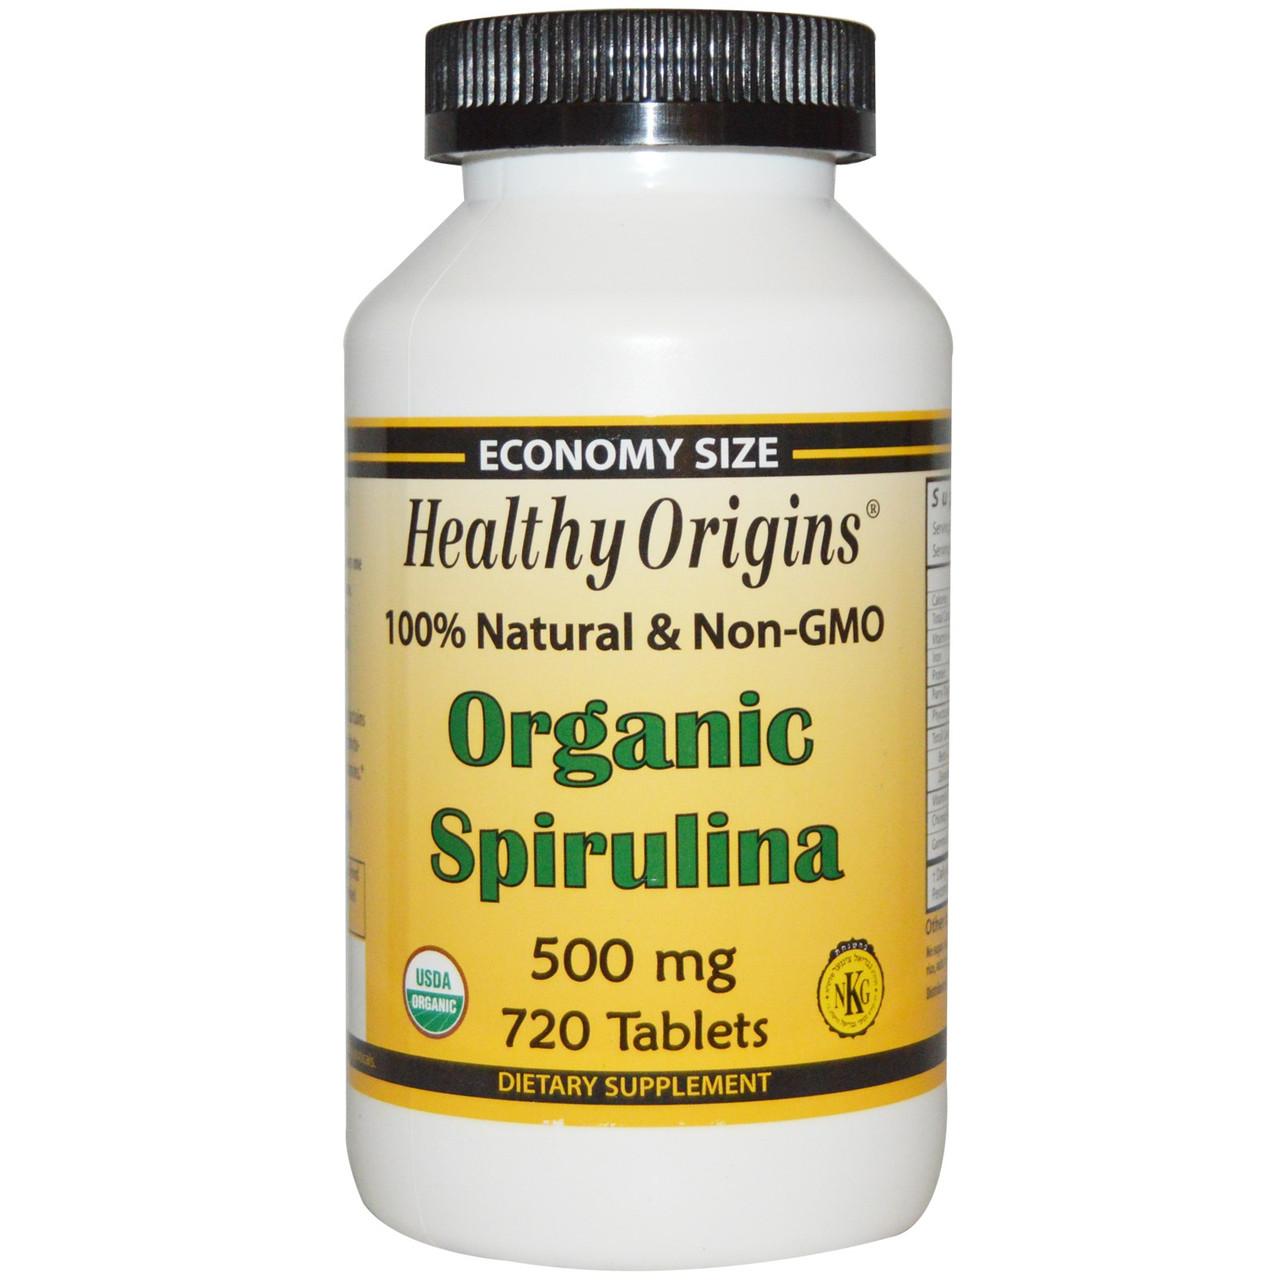 Органическая спирулина, Healthy Origins, 500 мг, 720 таблеток